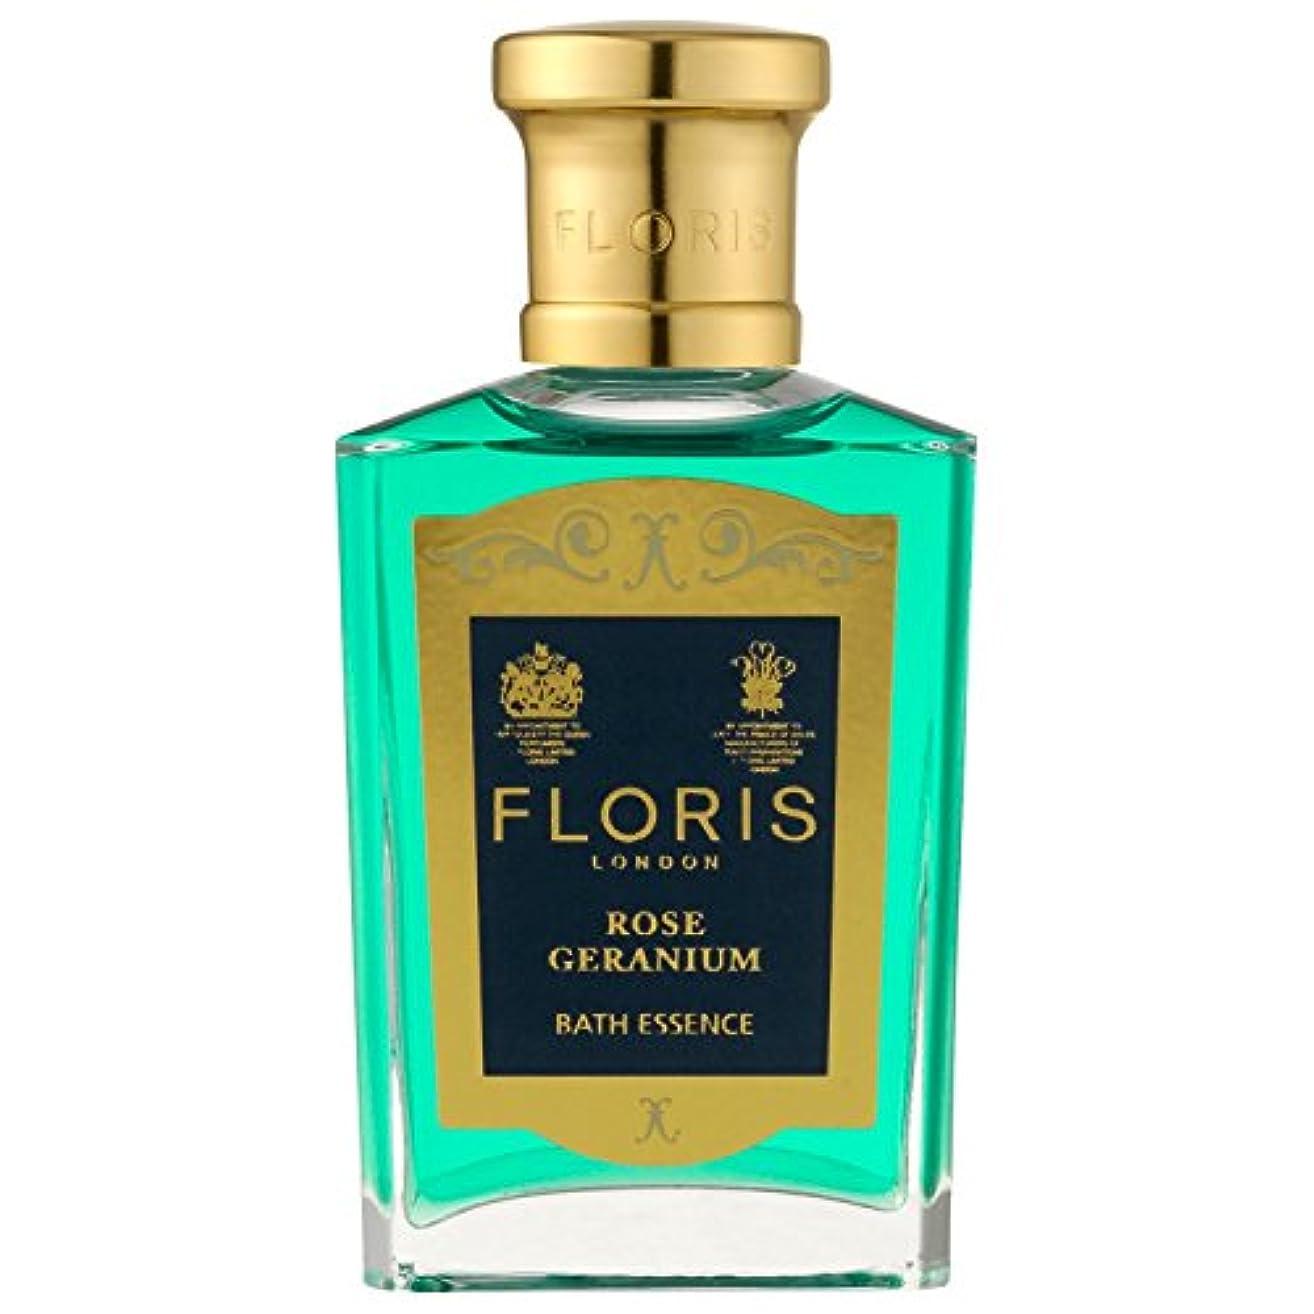 過剰議題消毒する[Floris] フロリスは、ゼラニウムバスエッセンス50ミリリットルをバラ - Floris Rose Geranium Bath Essence 50ml [並行輸入品]